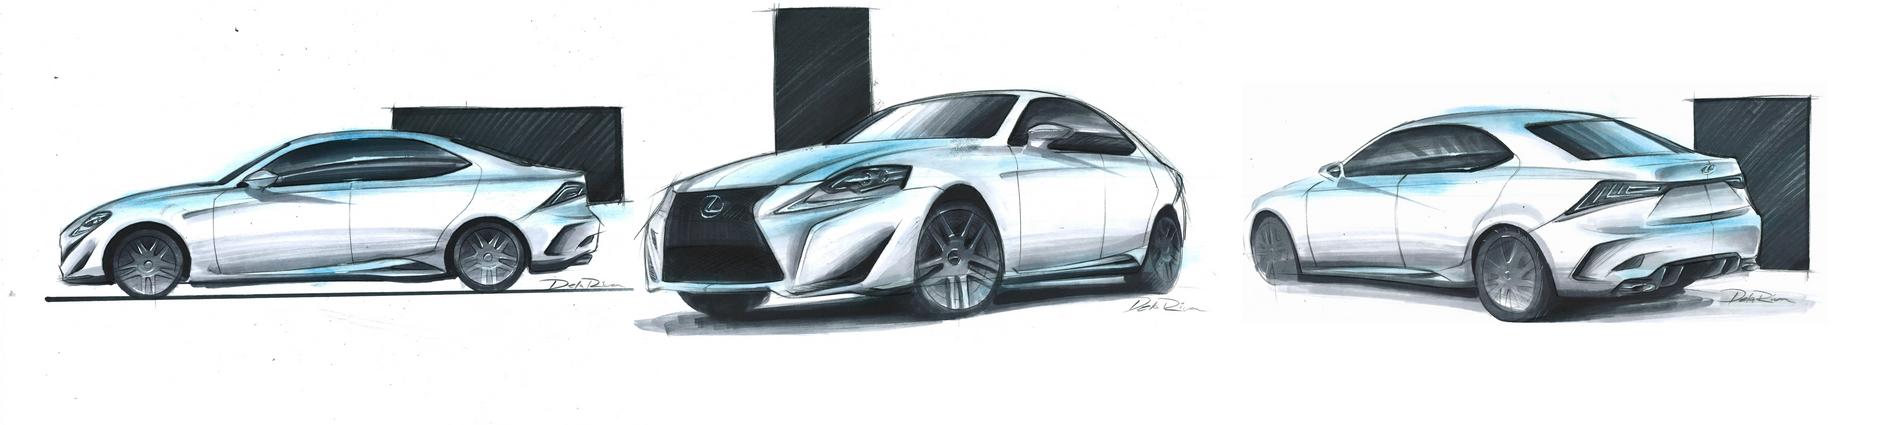 Lexus Final!! by wierd0